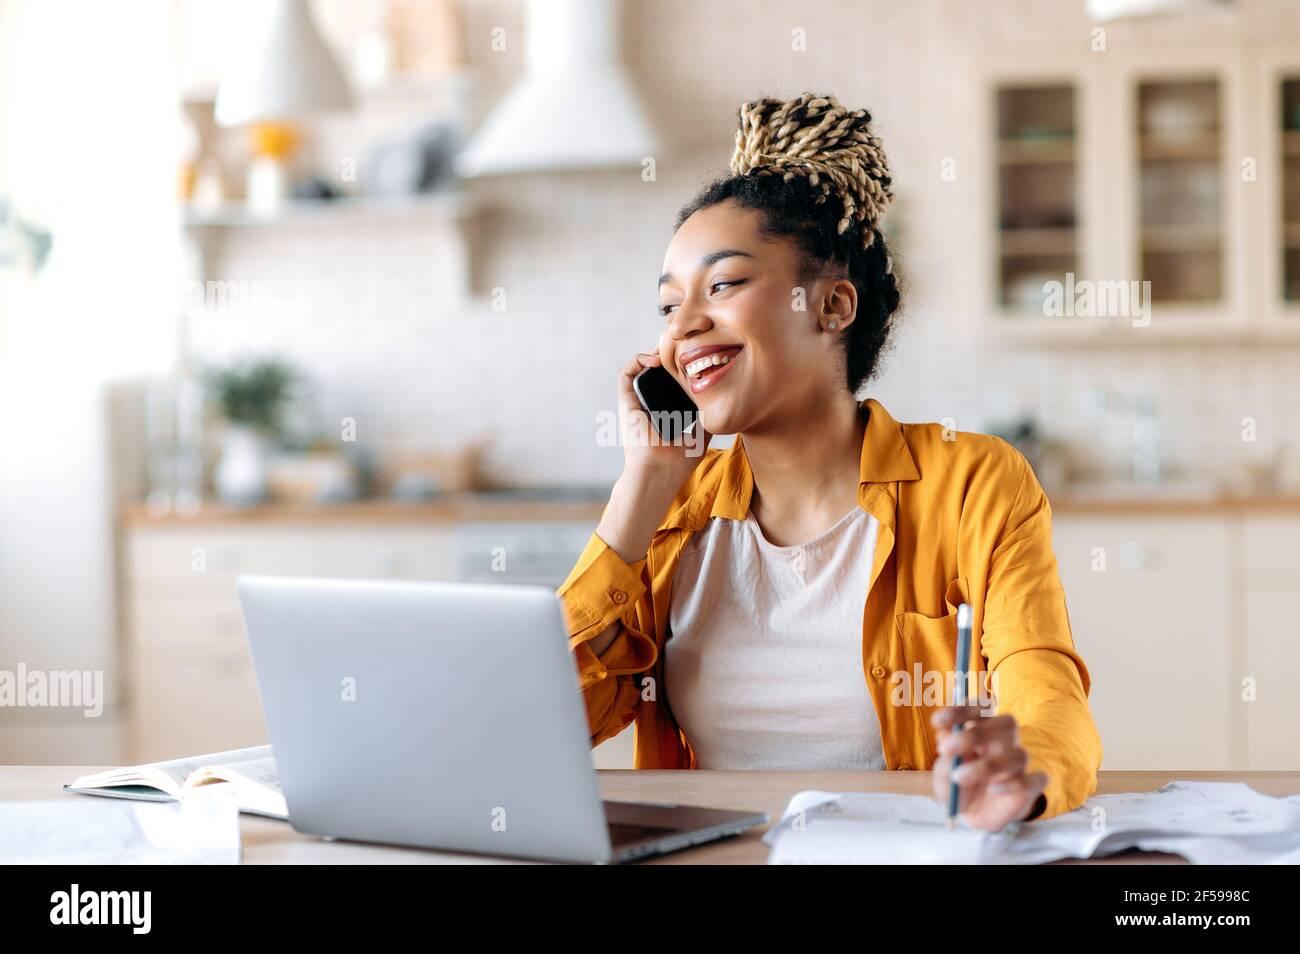 Afroamericano alegre atractiva joven con estilo, independiente, gerente o agente inmobiliario, tener una agradable conversación telefónica con el cliente o empleado, sentarse en el lugar de trabajo, sonriendo Foto de stock